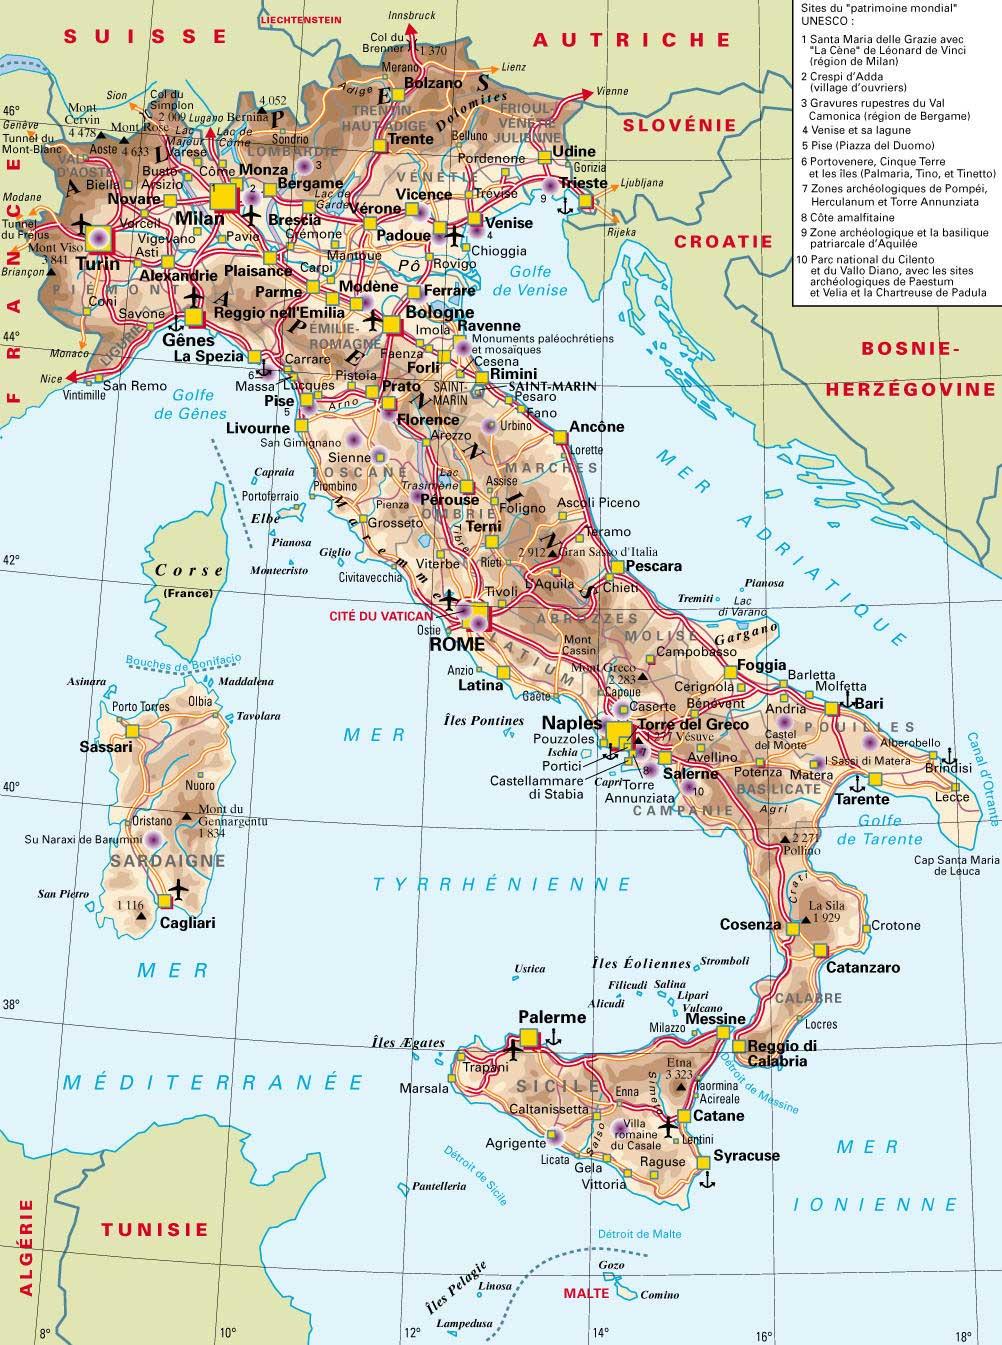 Carte Italie Du Nord Villes.Carte Italie Vacances Arts Guides Voyages